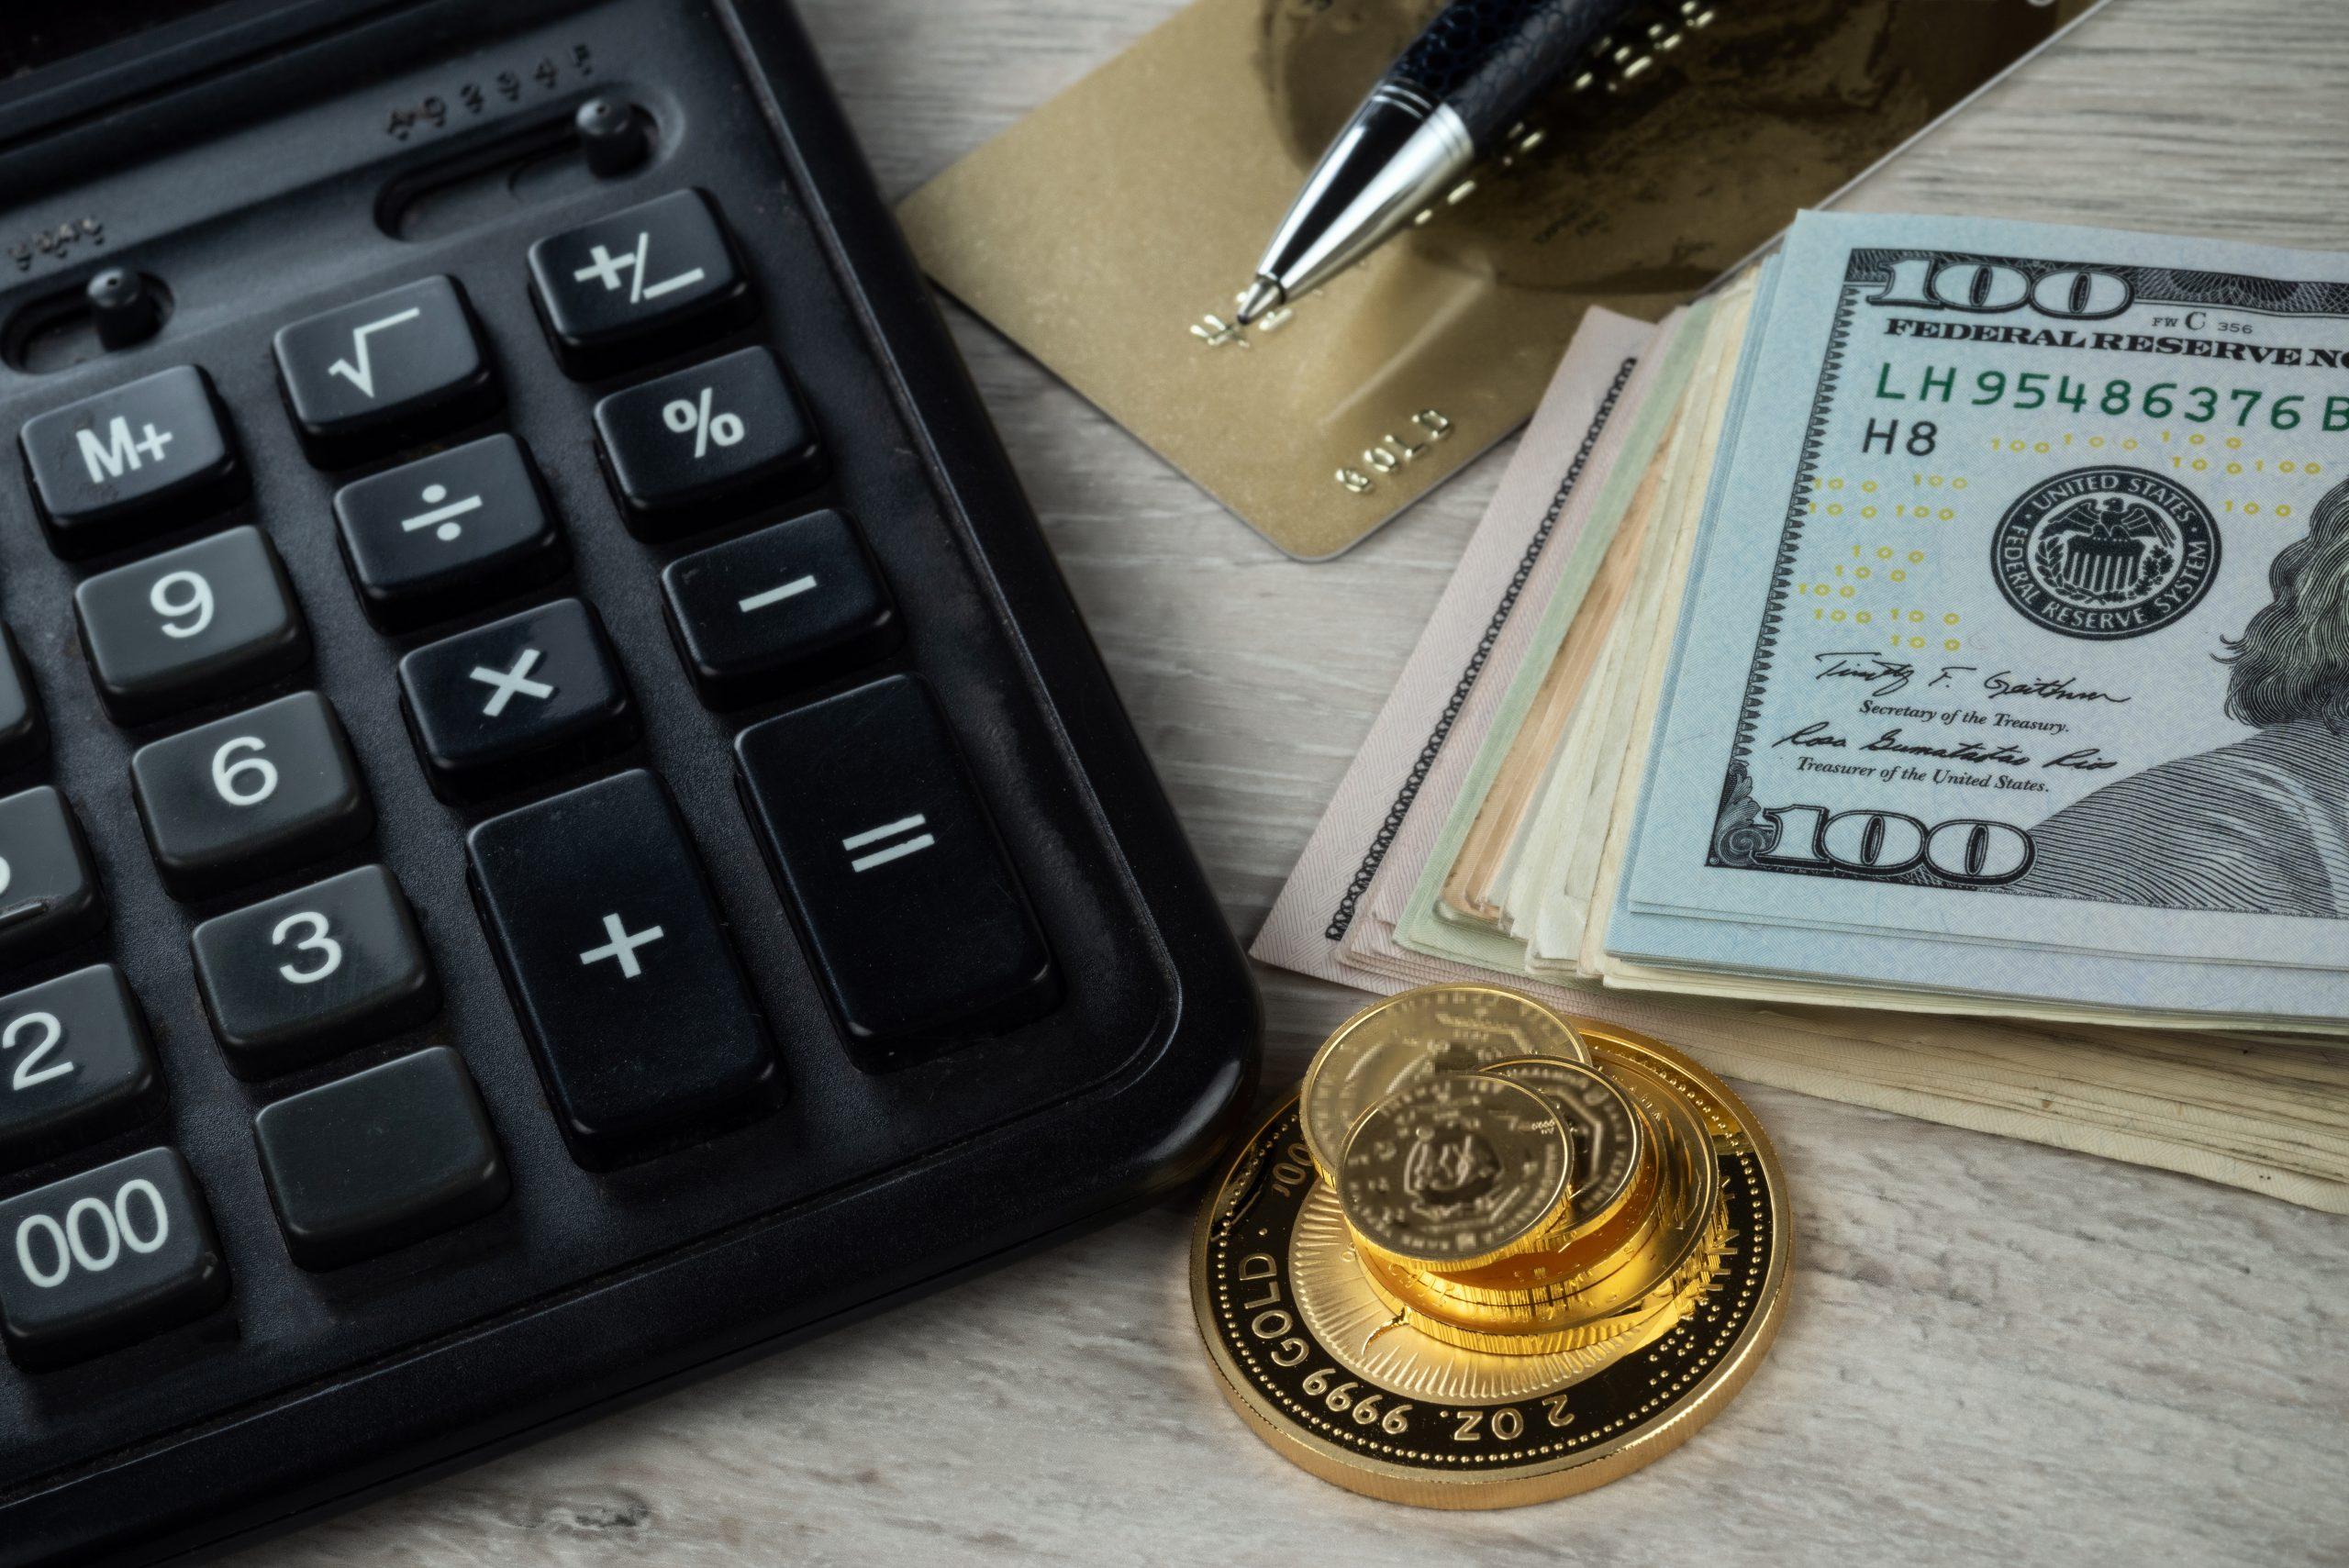 Inflacija umanjuje vrijednost novca